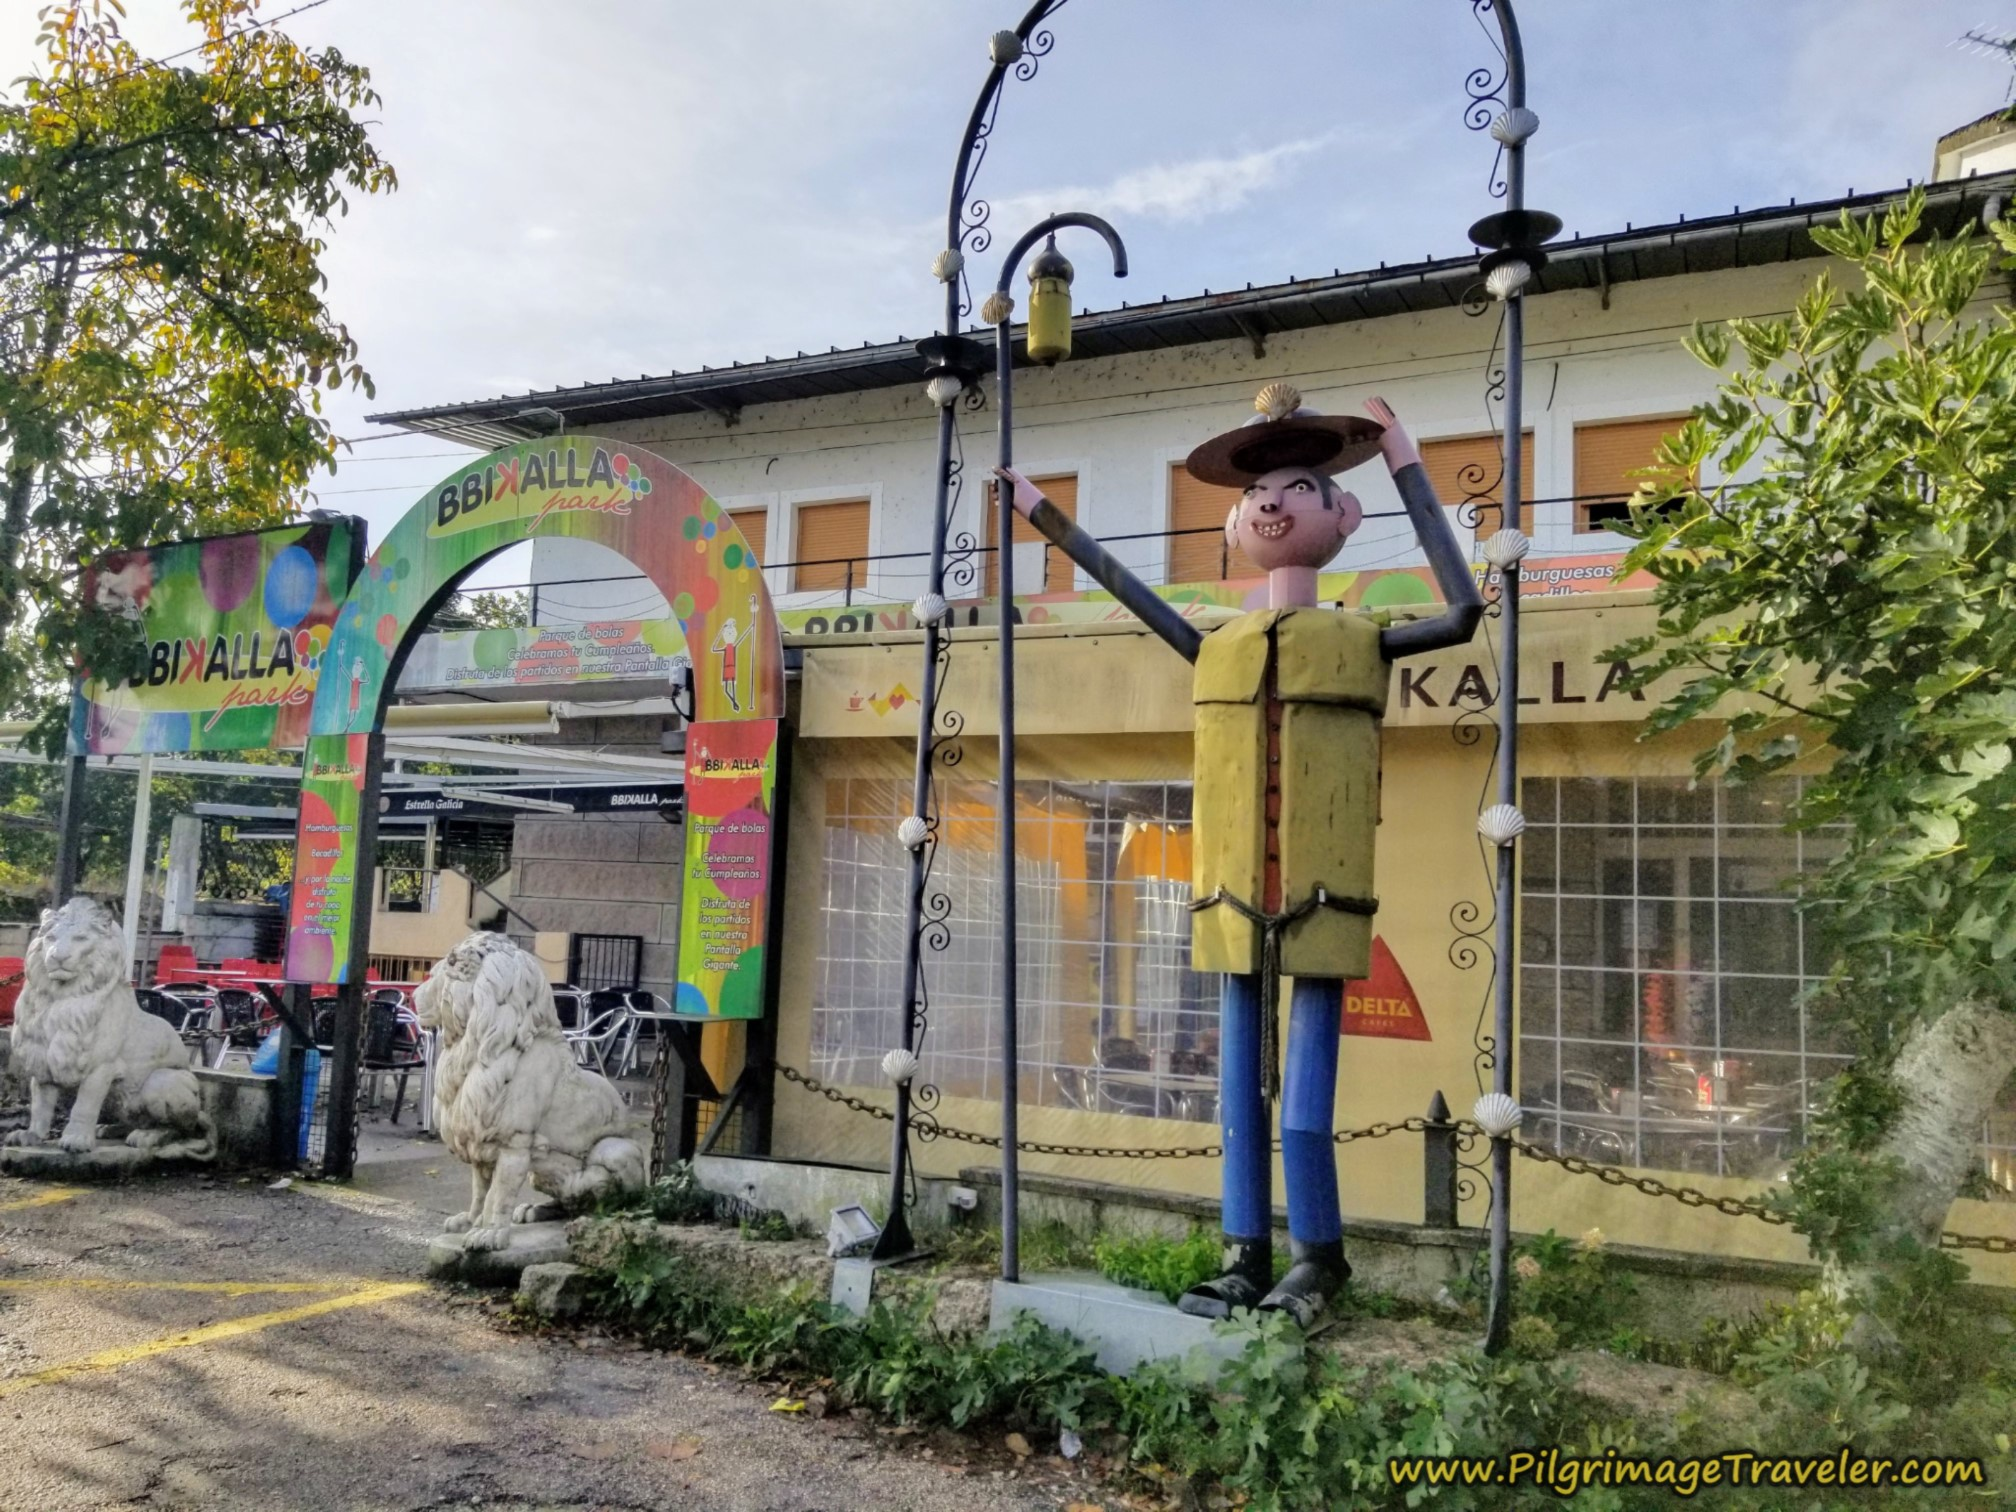 Bbikalla Park, Camino Sanabrés, Xunqueira de Ambía to Ourense